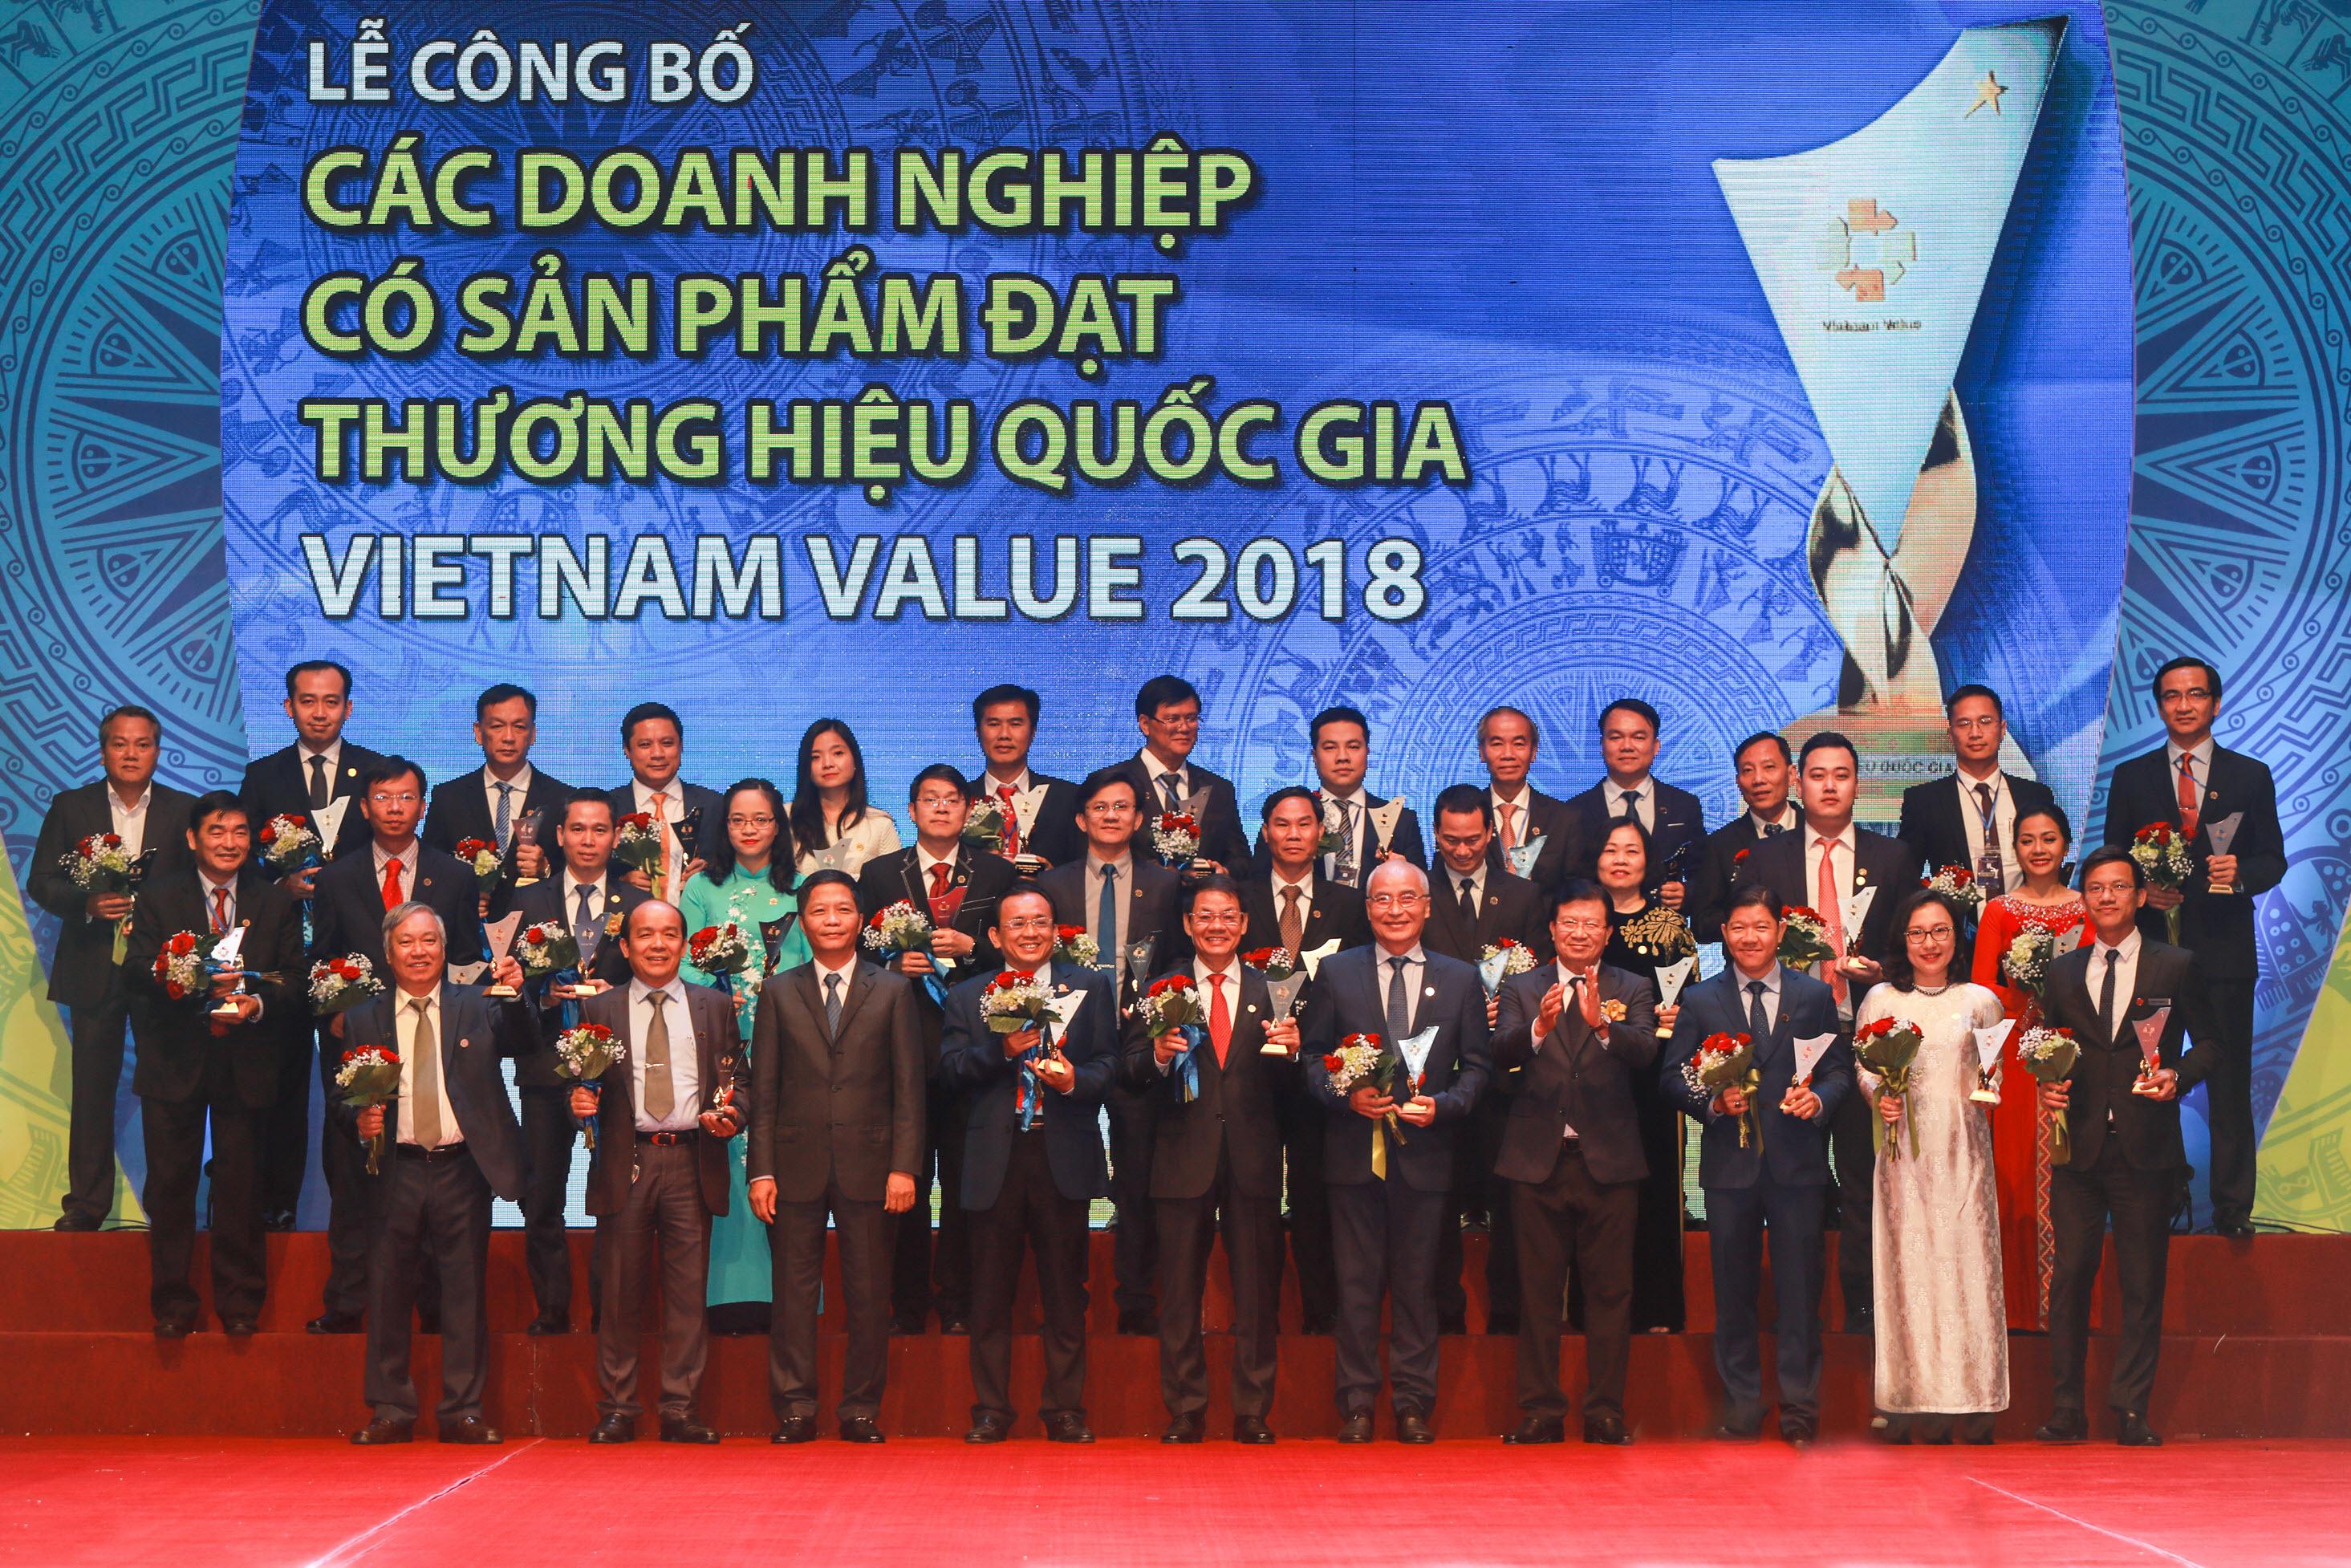 Ống nhựa dekko - img20181221172238921 - Ống nhựa DEKKO vinh dự đón nhận giải thưởng Thương hiệu quốc gia 2018